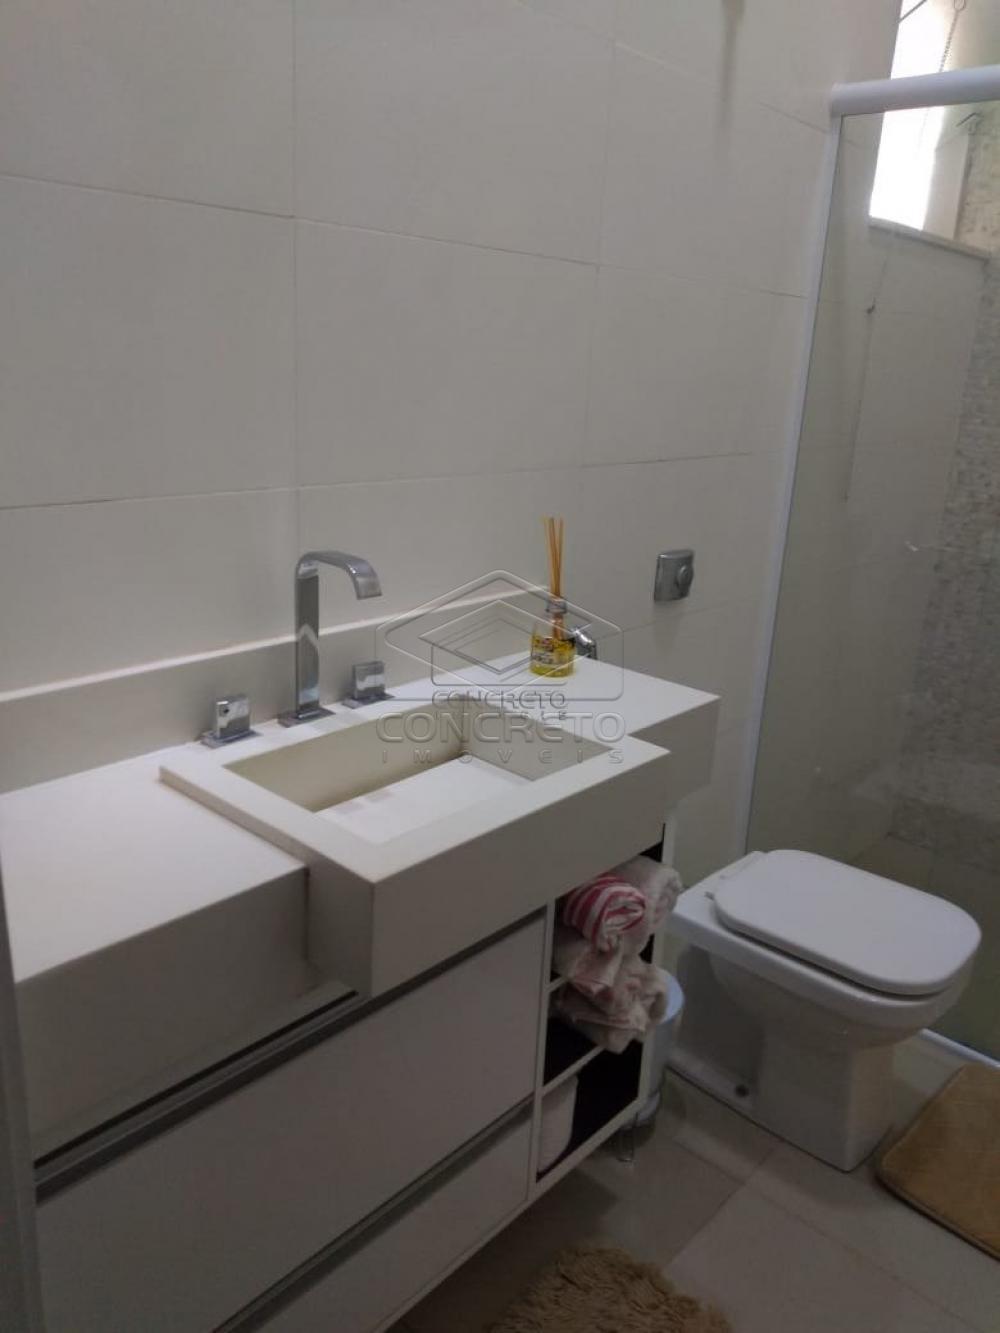 Comprar Casa / Padrão em Bauru apenas R$ 850.000,00 - Foto 19